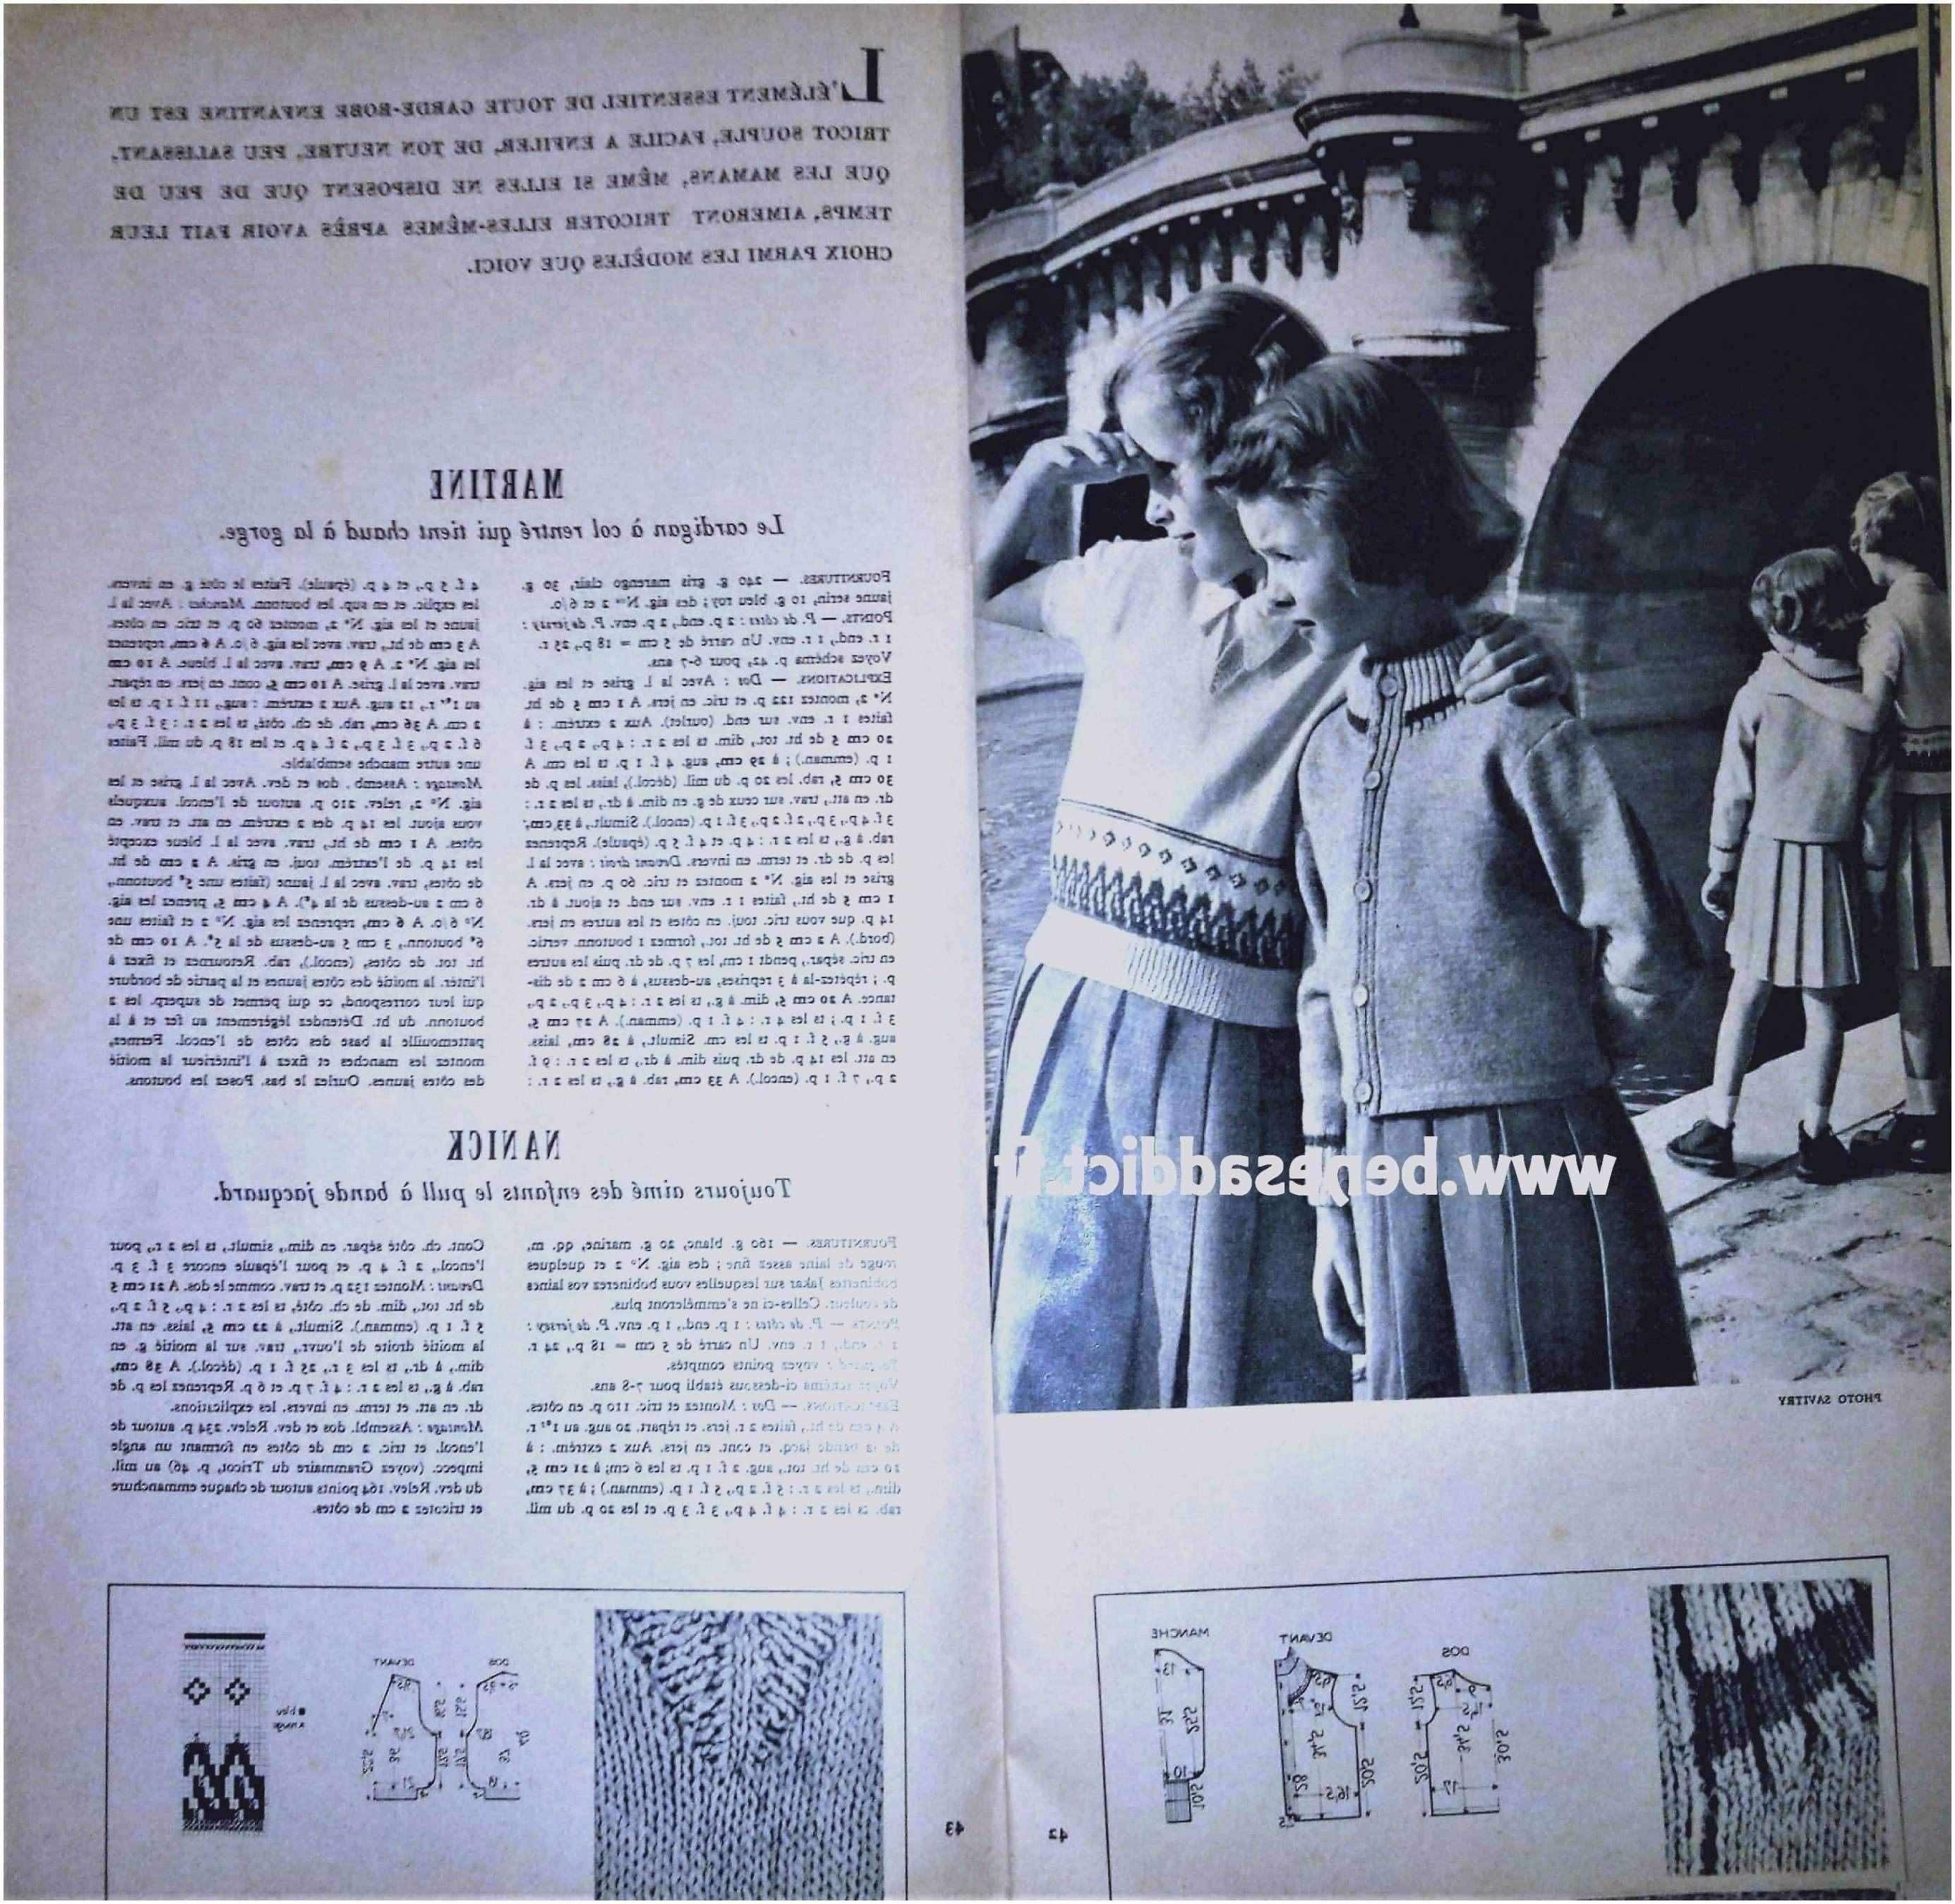 Ciel De Lit Moustiquaire Bébé Agréable Elégant Inspirant Rideau Collection De Rideau Fin Rideau Idées Pour